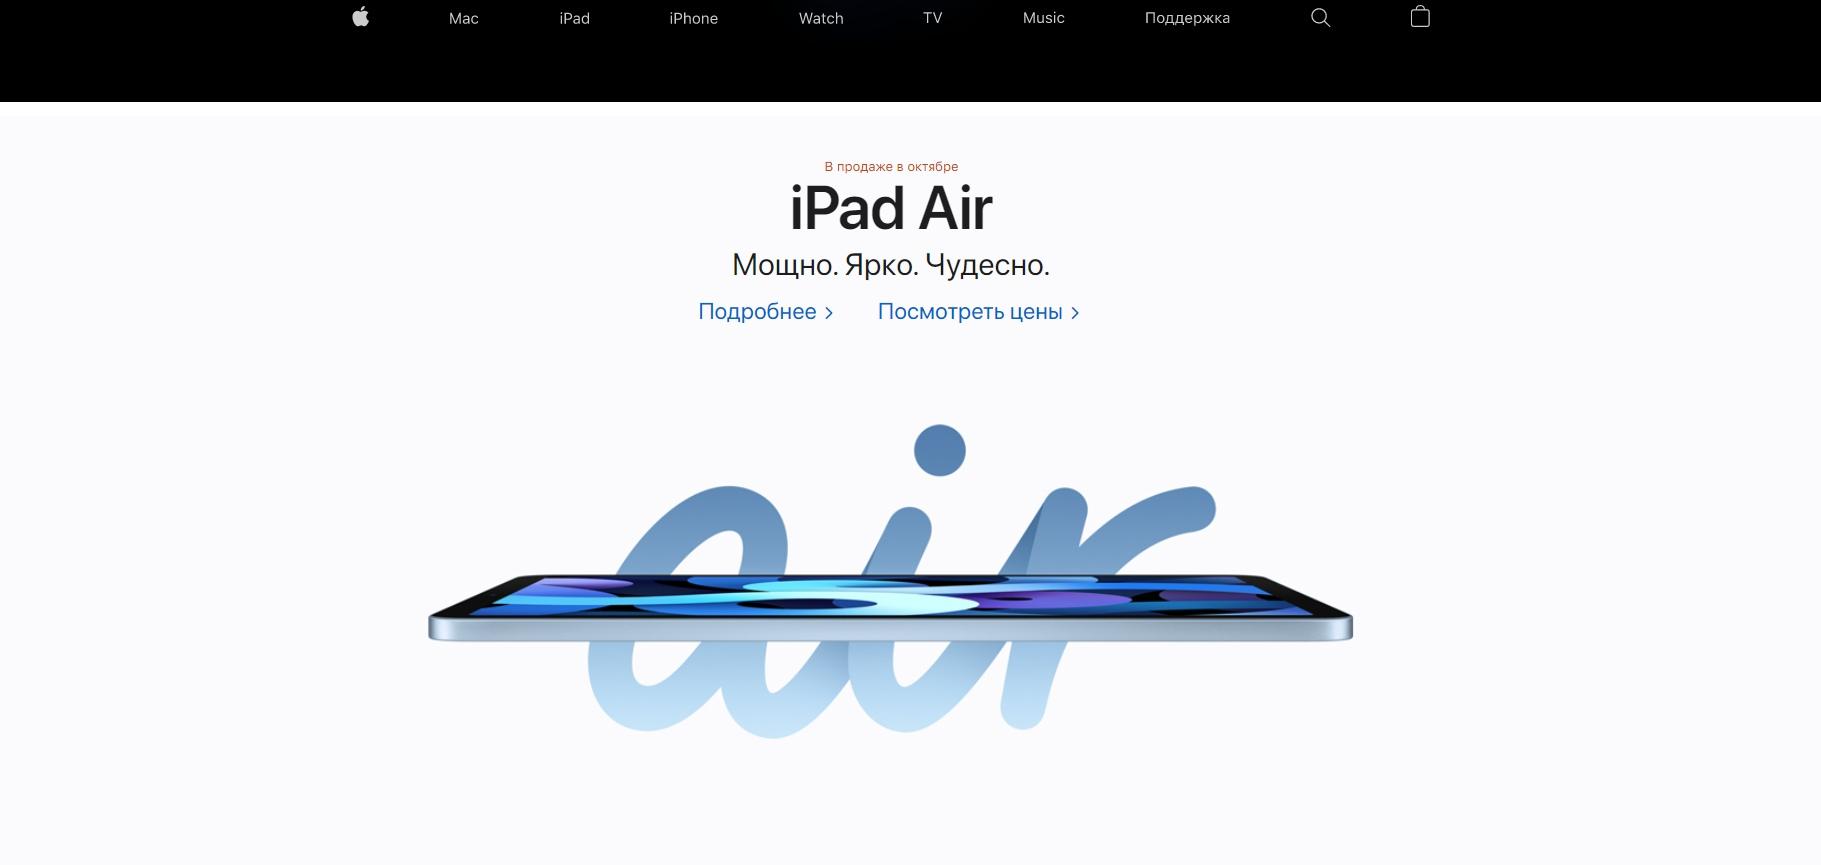 Дизайн официального сайта Apple